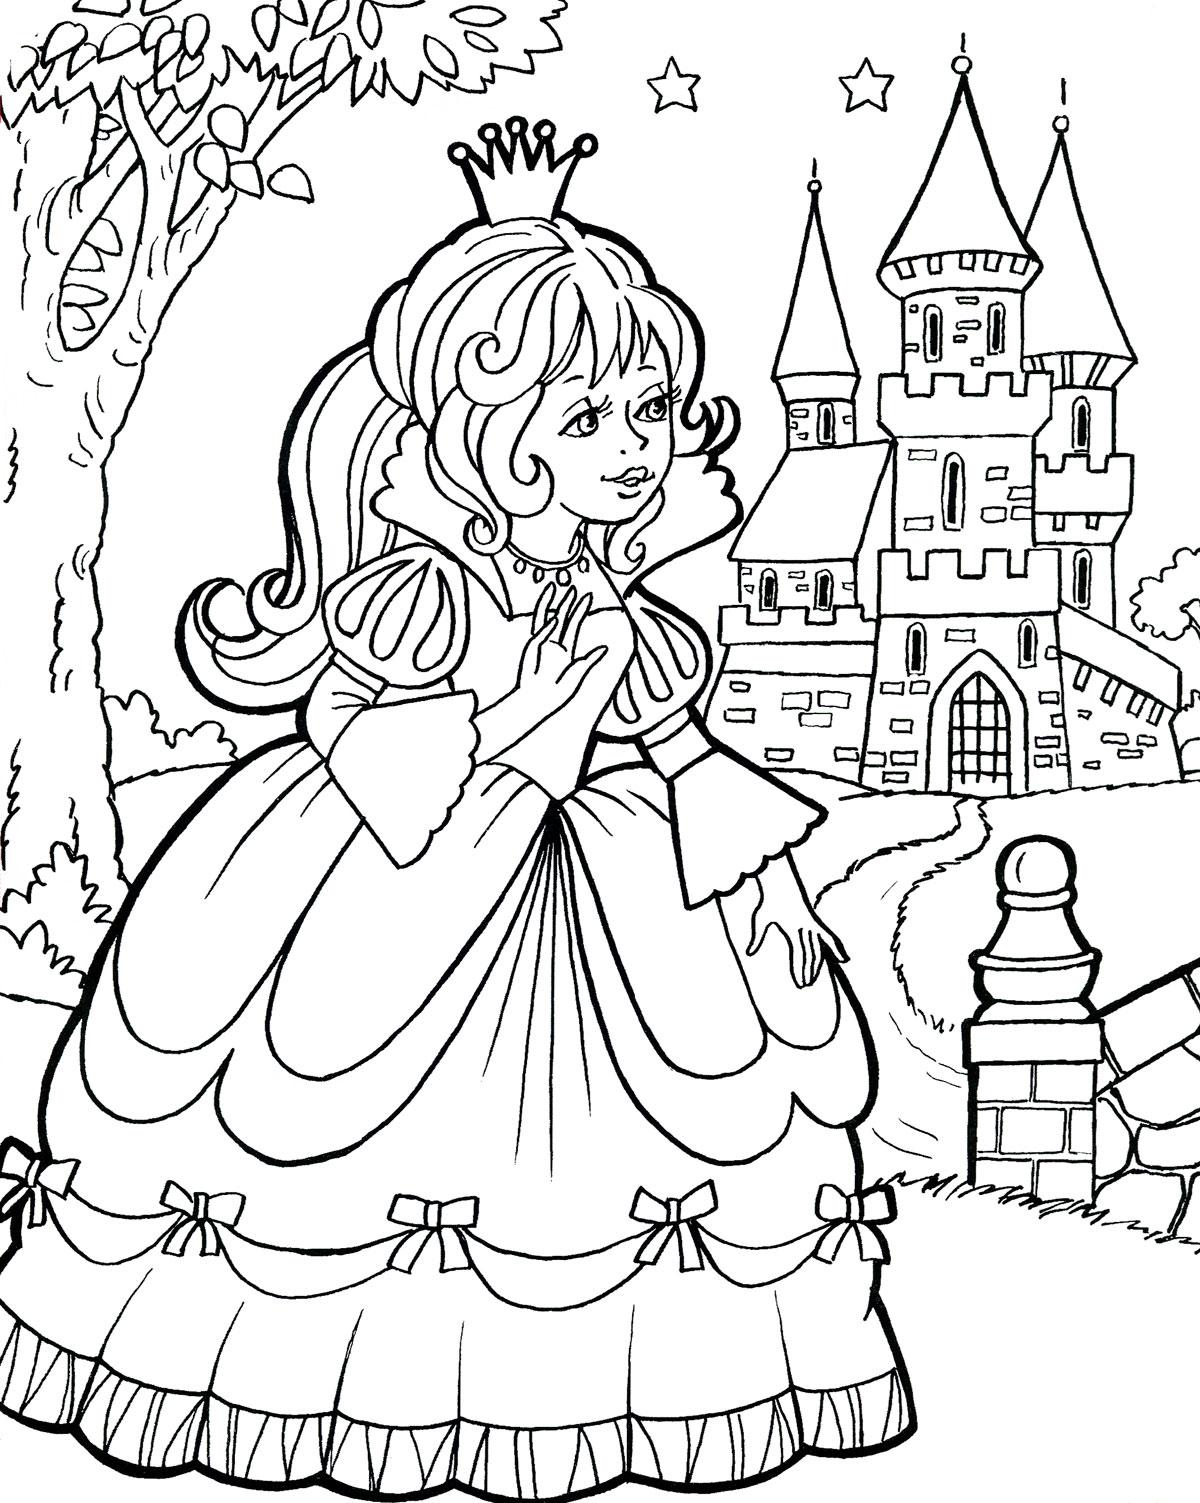 Раскраски для девочек. Принцесса и замок